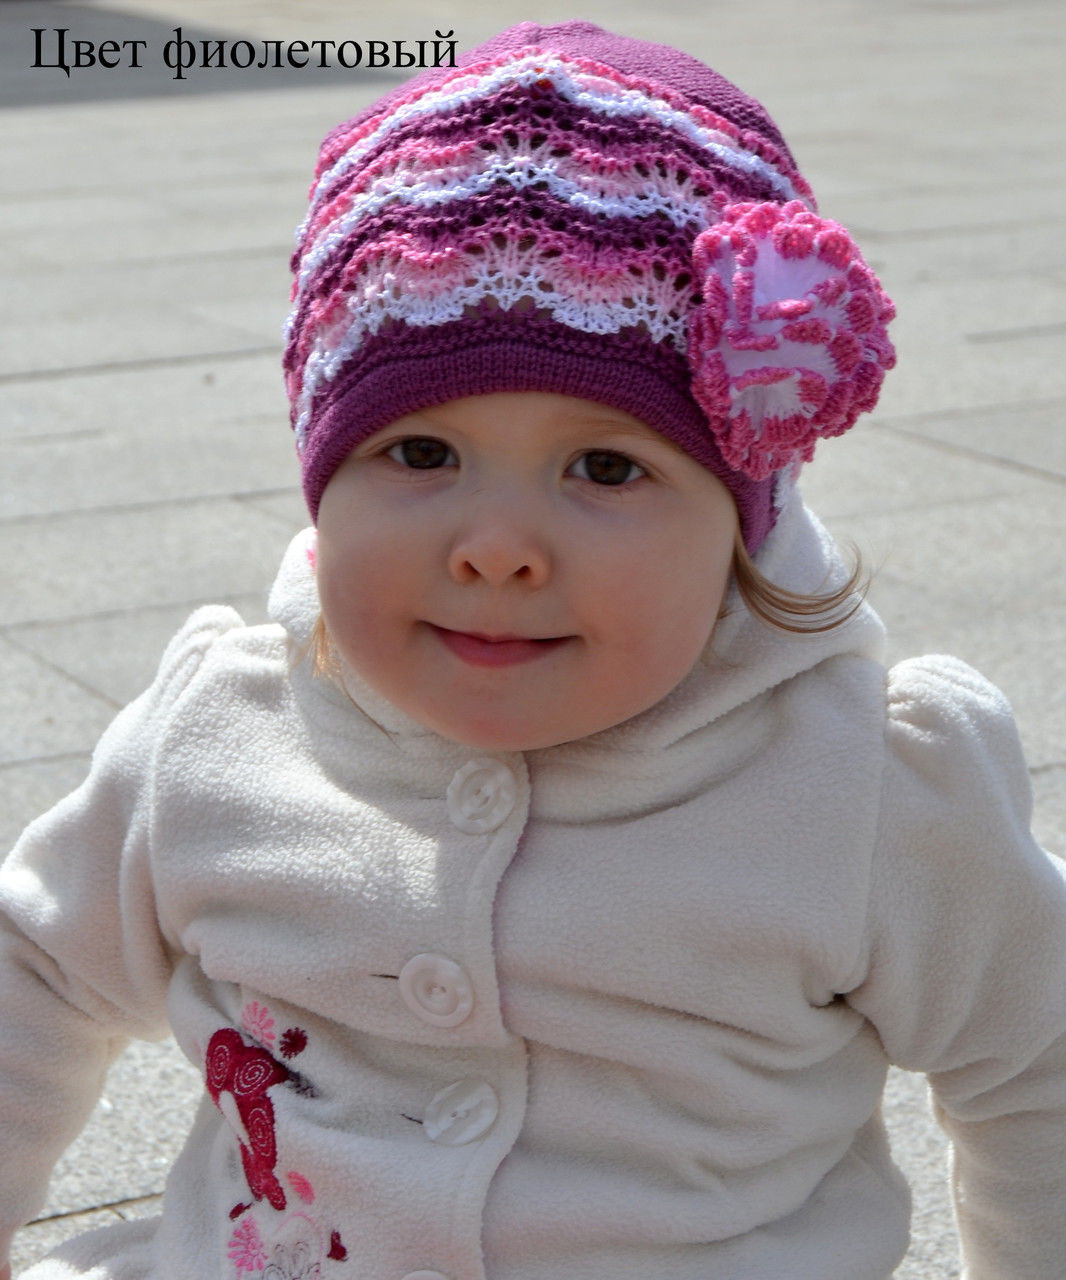 Детская ажурная шапка на весну